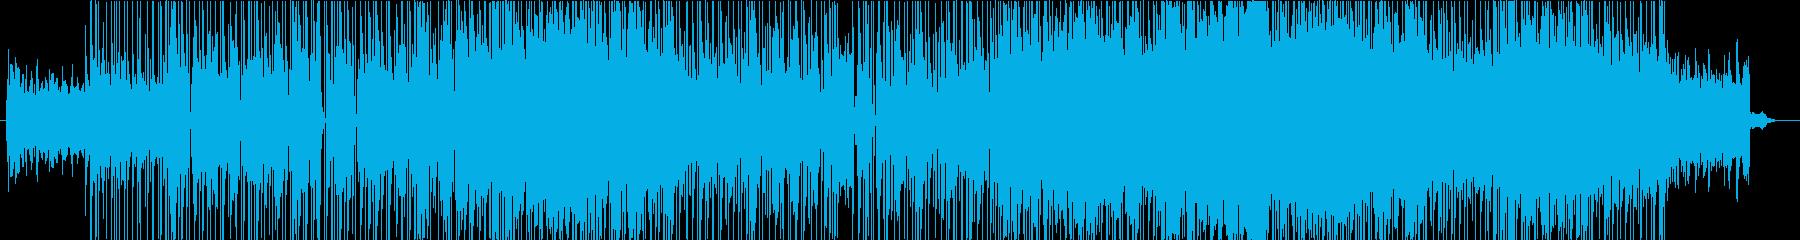 Overnightの再生済みの波形